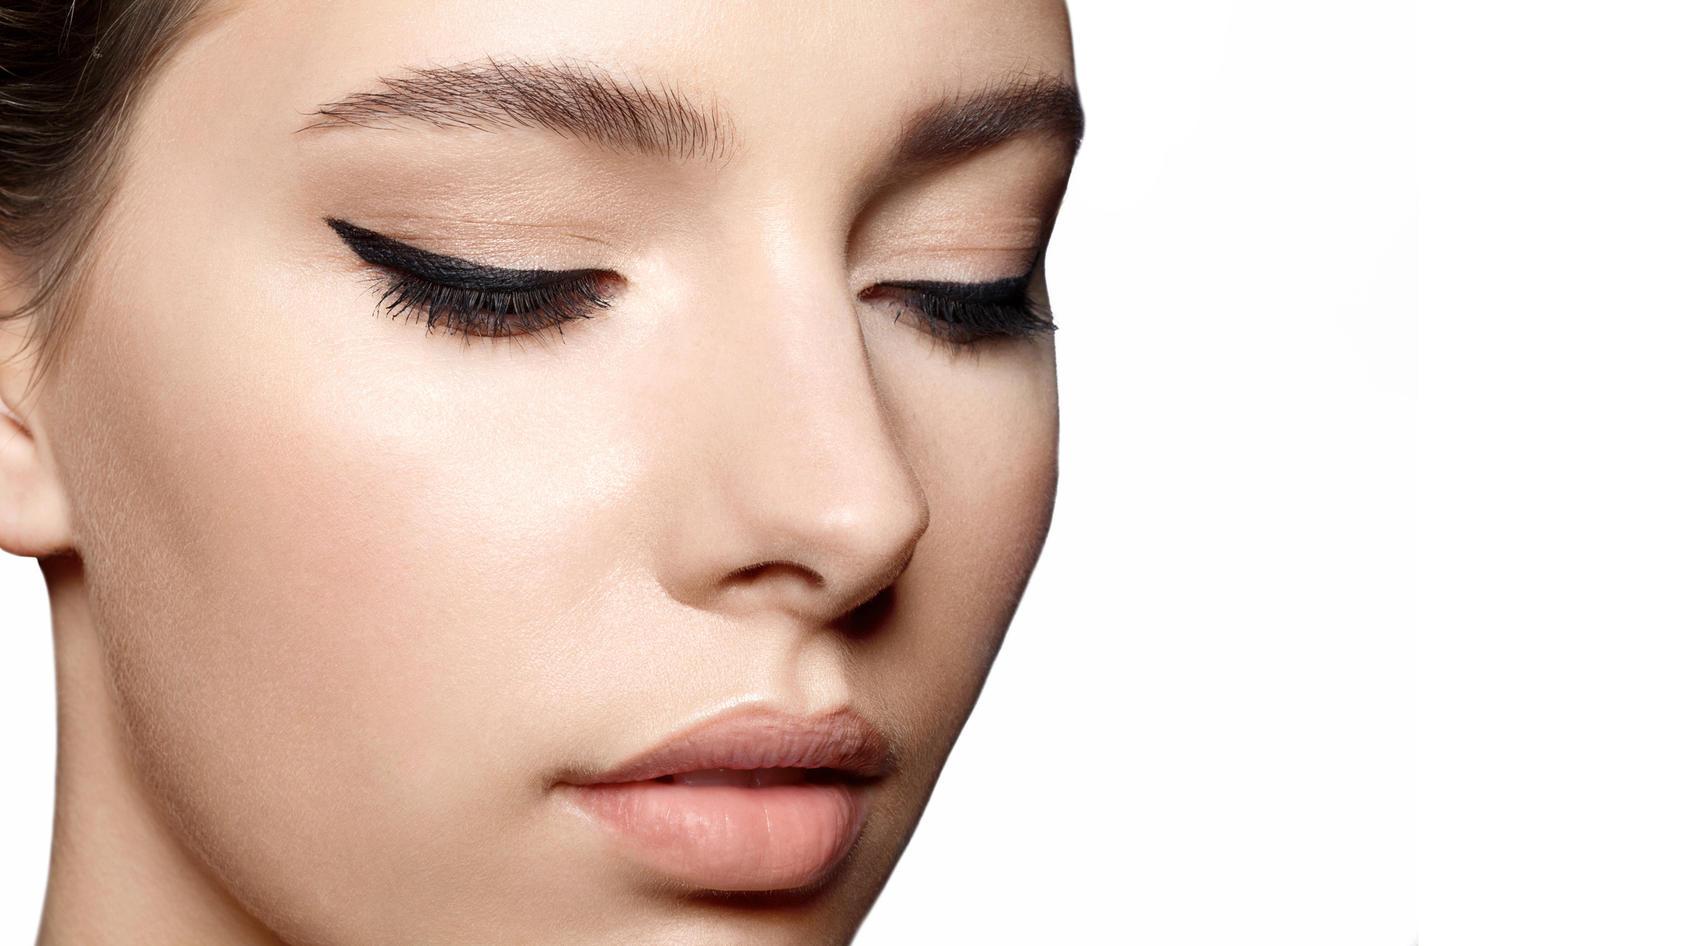 Lidstriche mit klarer Kontur gelingen am besten mit einem Eyeliner.